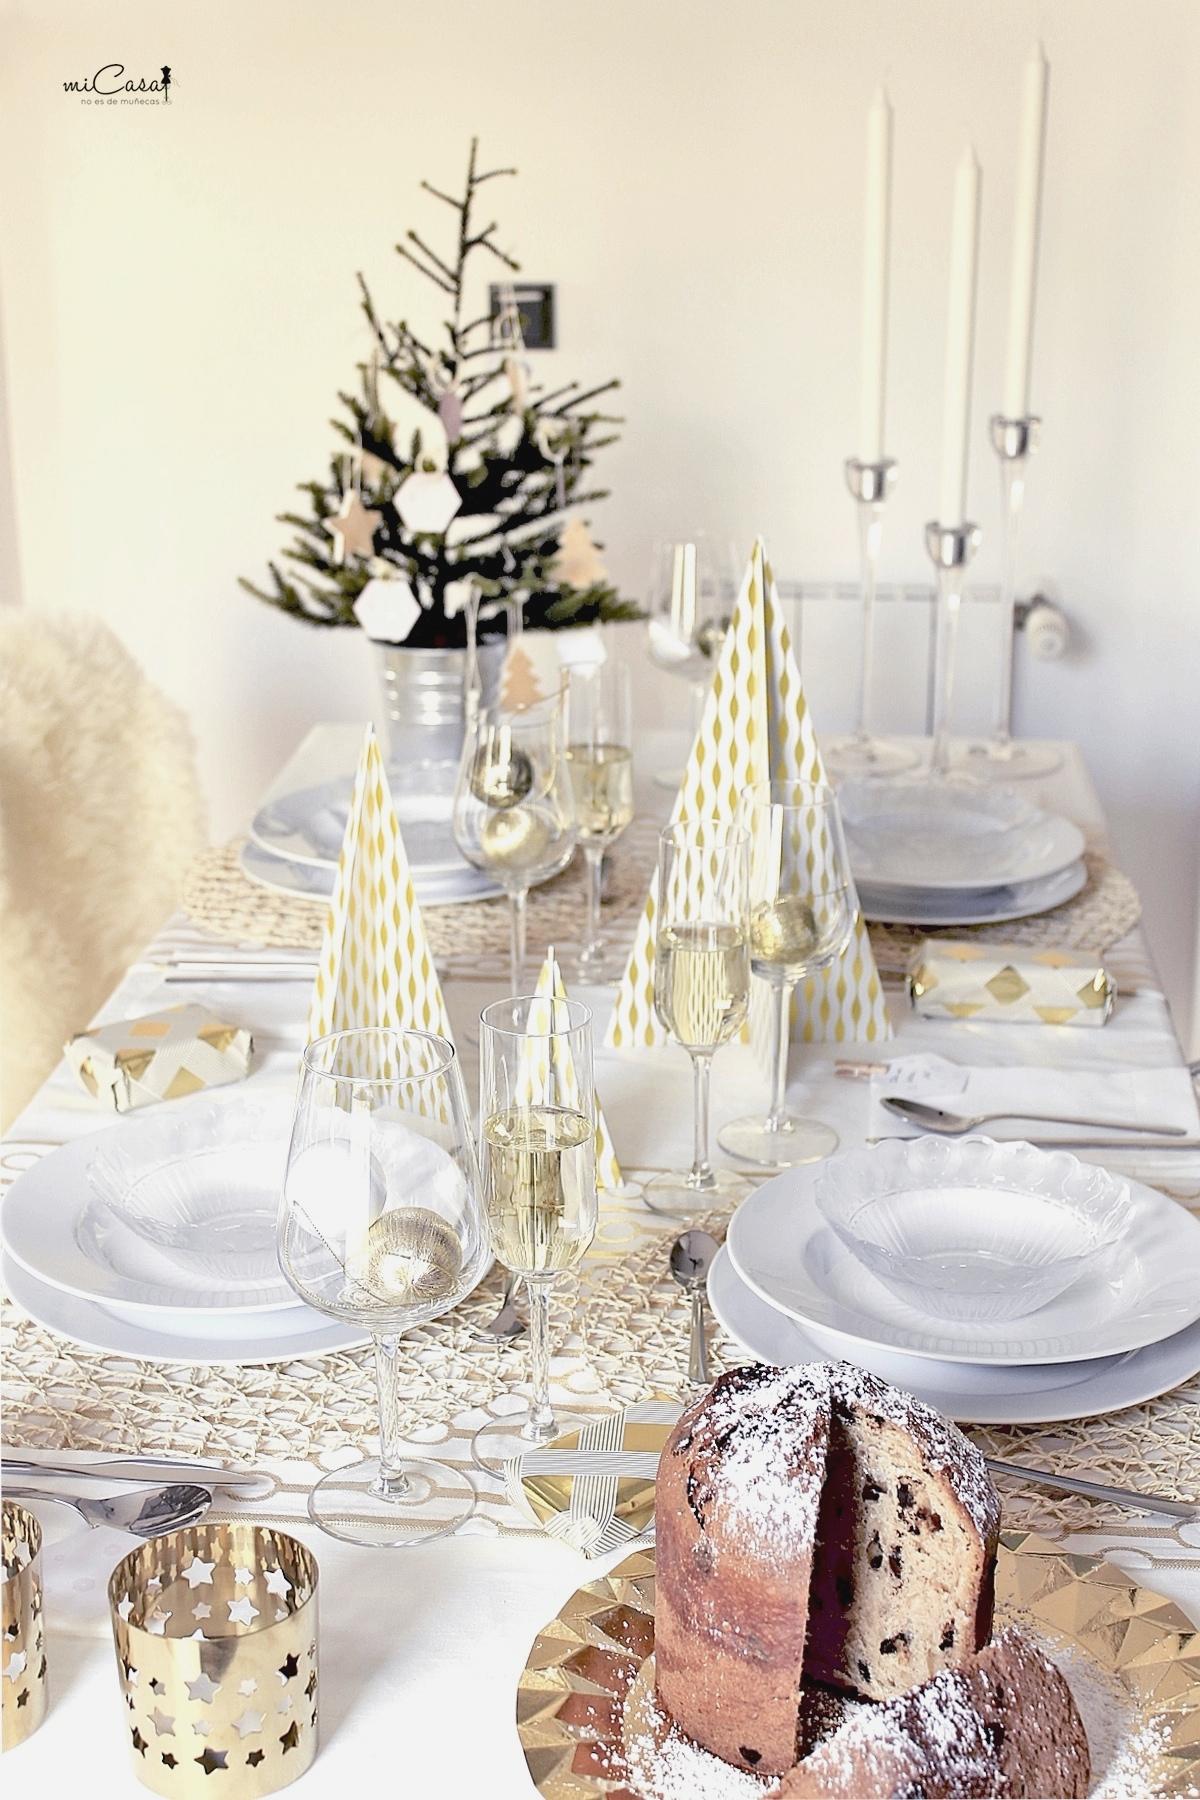 Cena Navidad Ikea - WeDeco 01